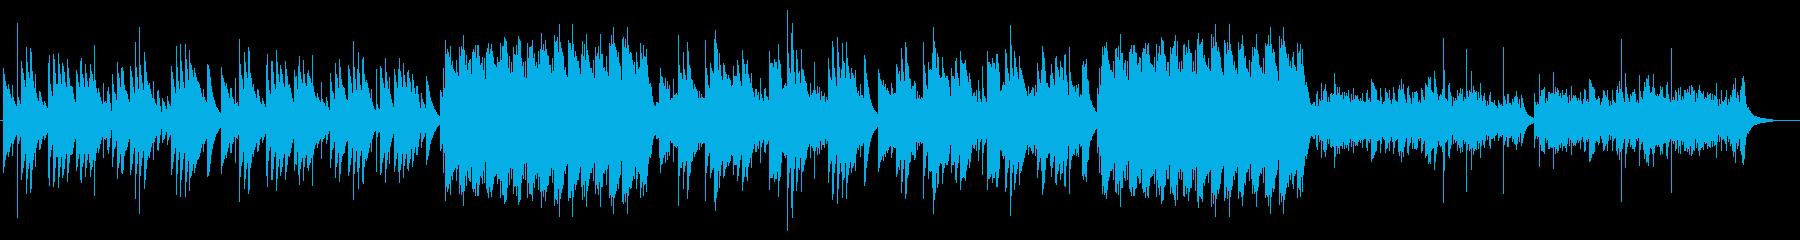 オルゴール、雪、静かなクリスマスBGMの再生済みの波形